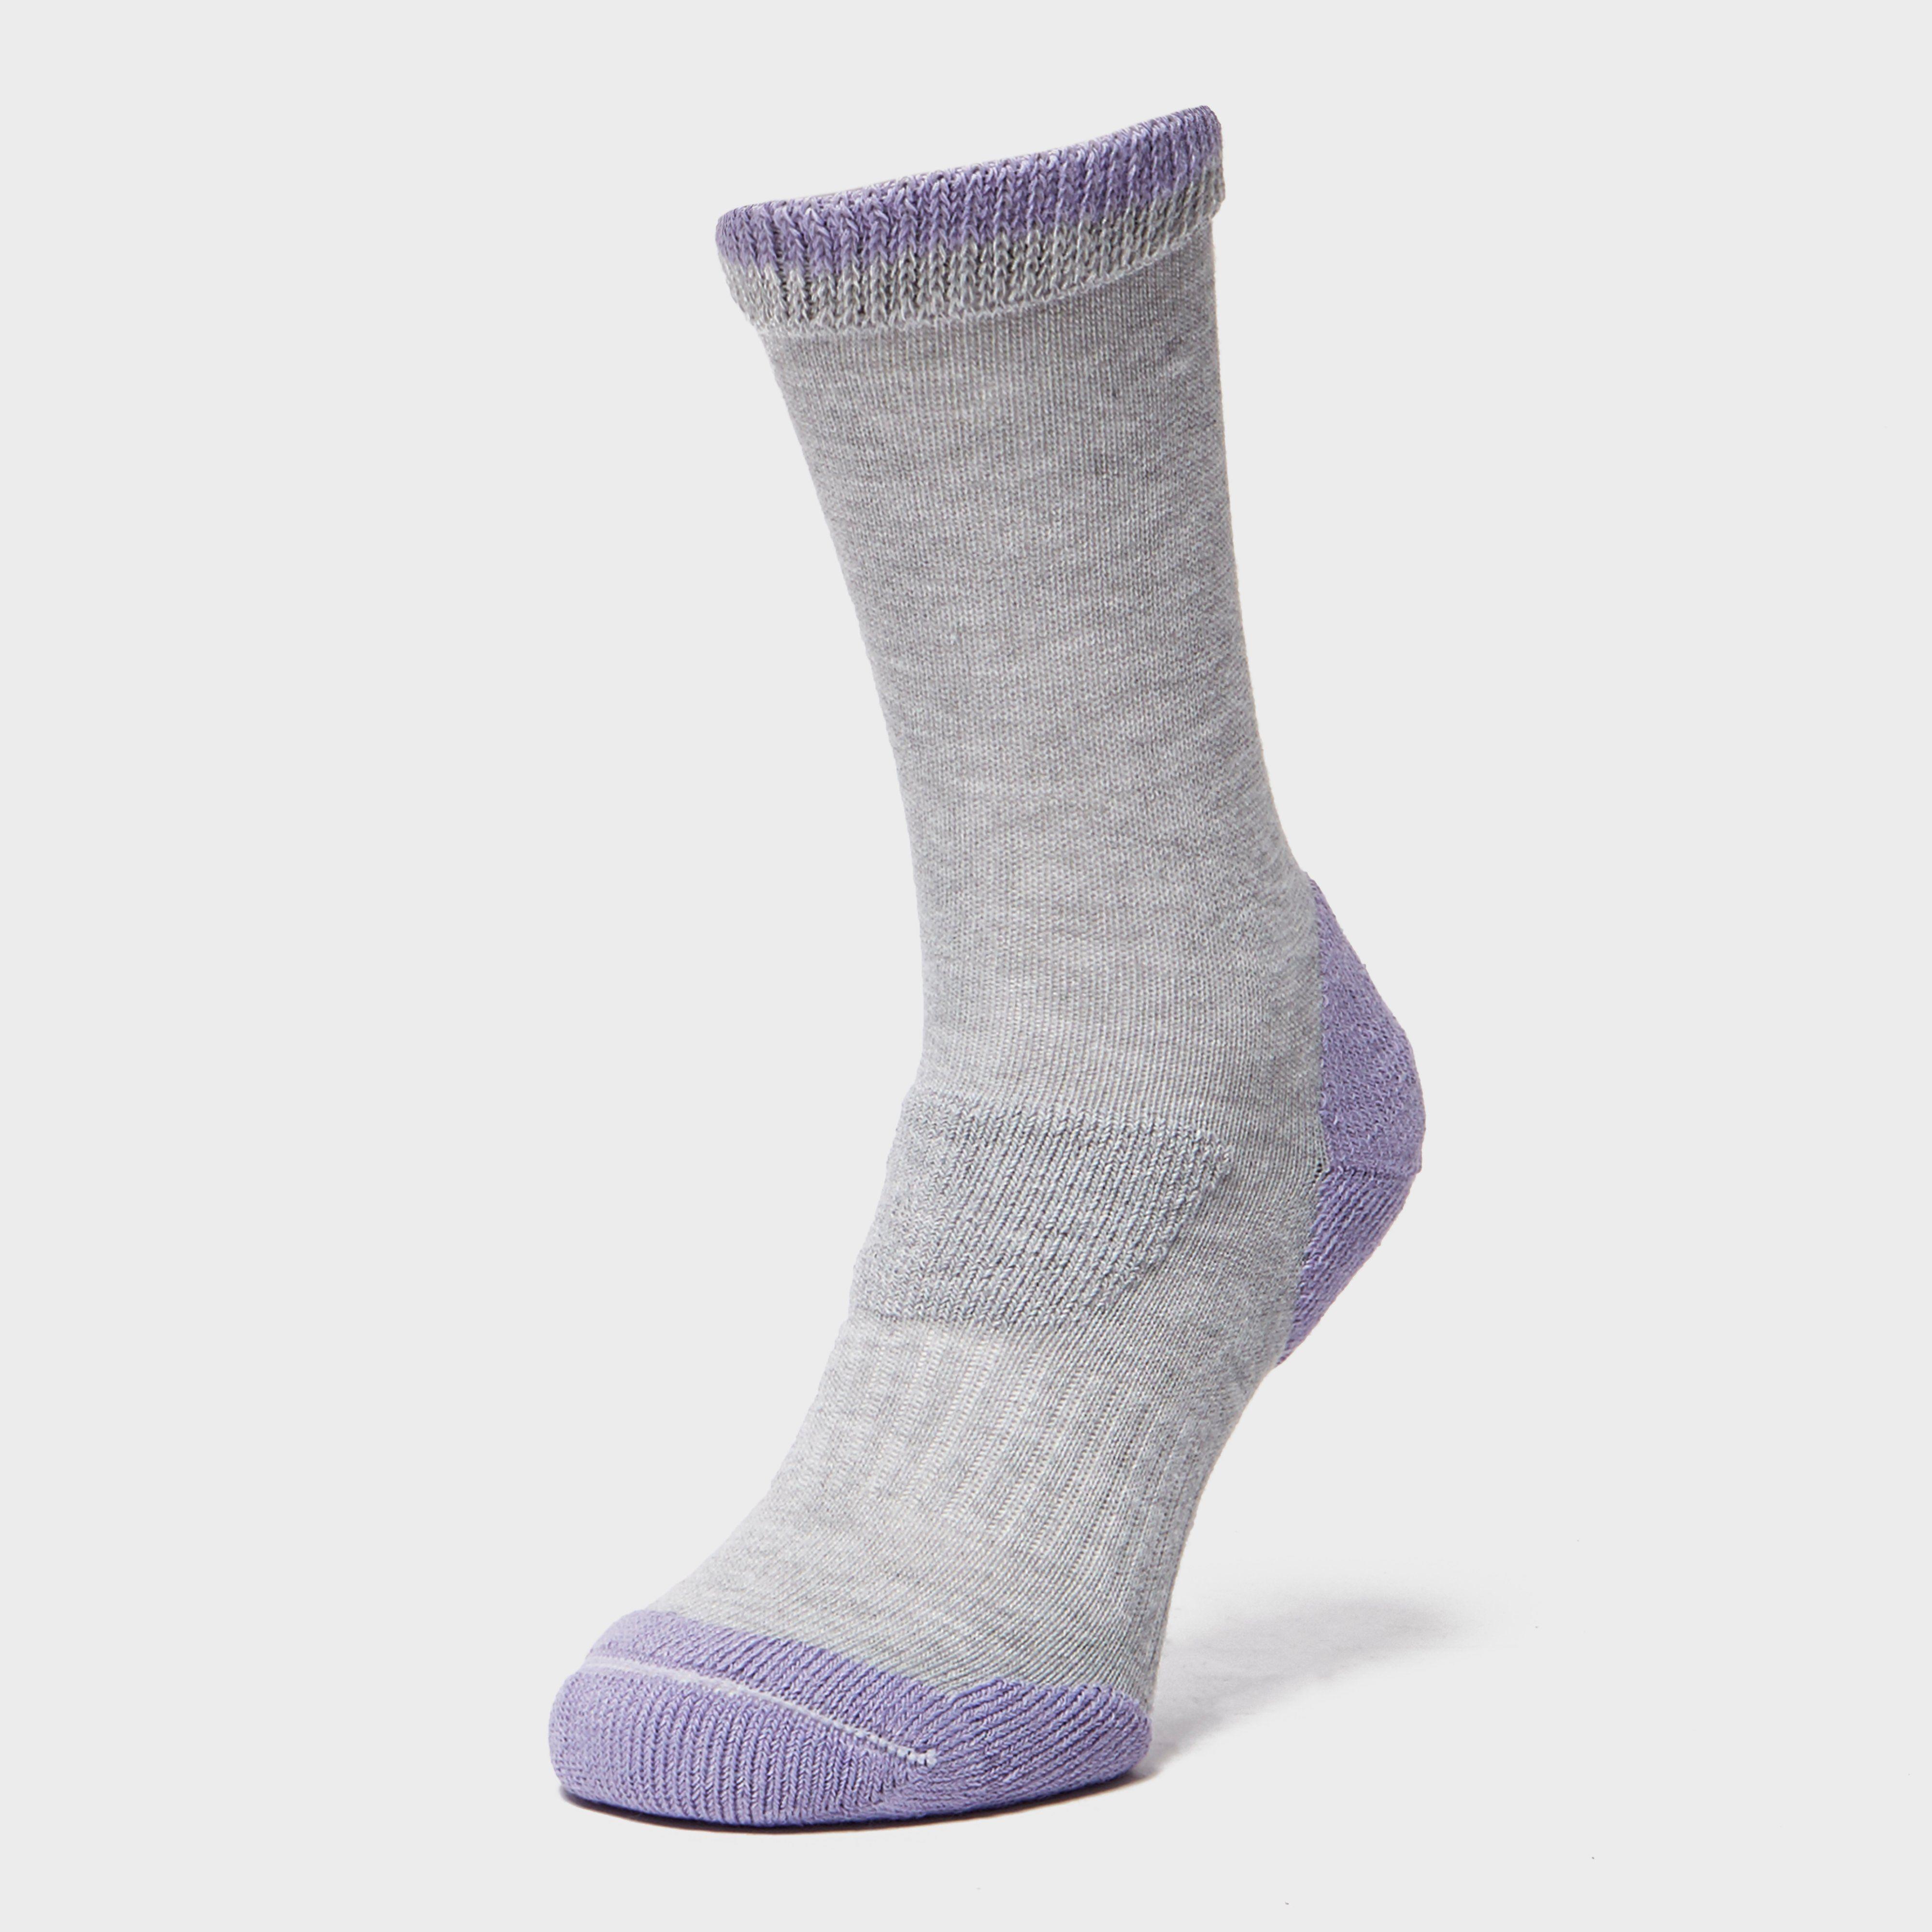 BRASHER Women's Light Hiker Socks